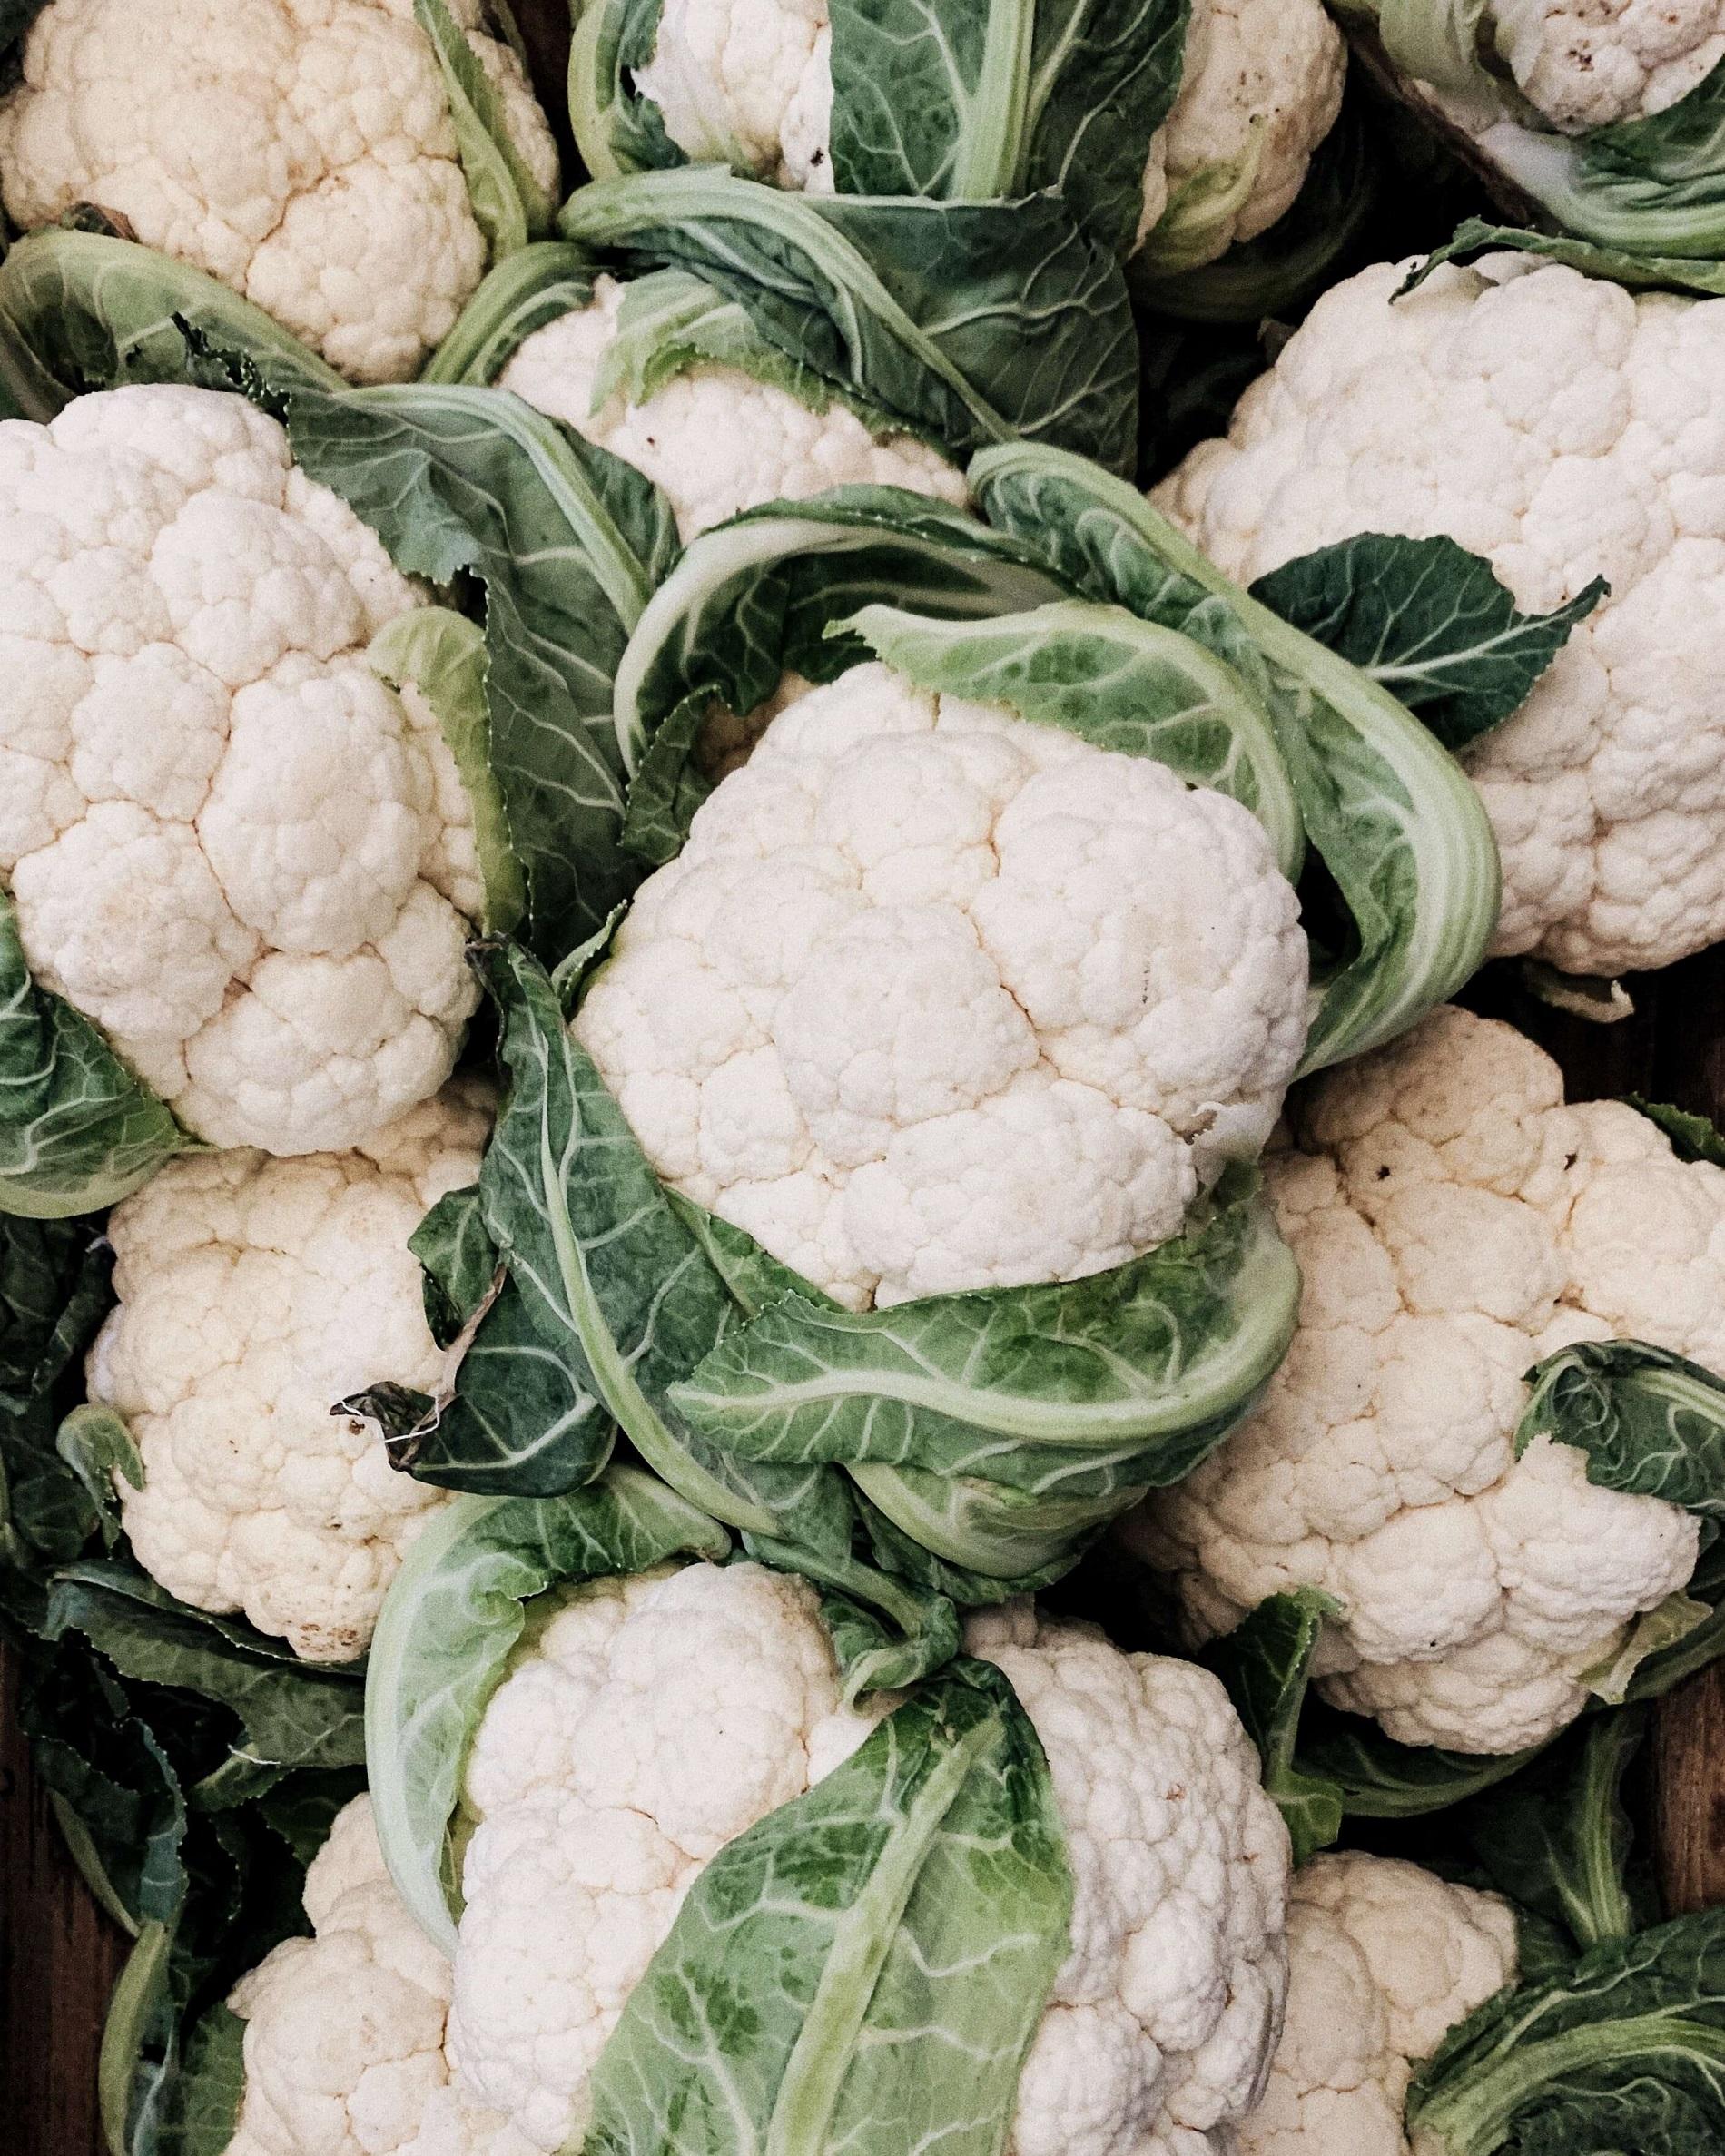 Осенне-зимний сезон: какие продукты питания не стоит игнорировать-Фото 3